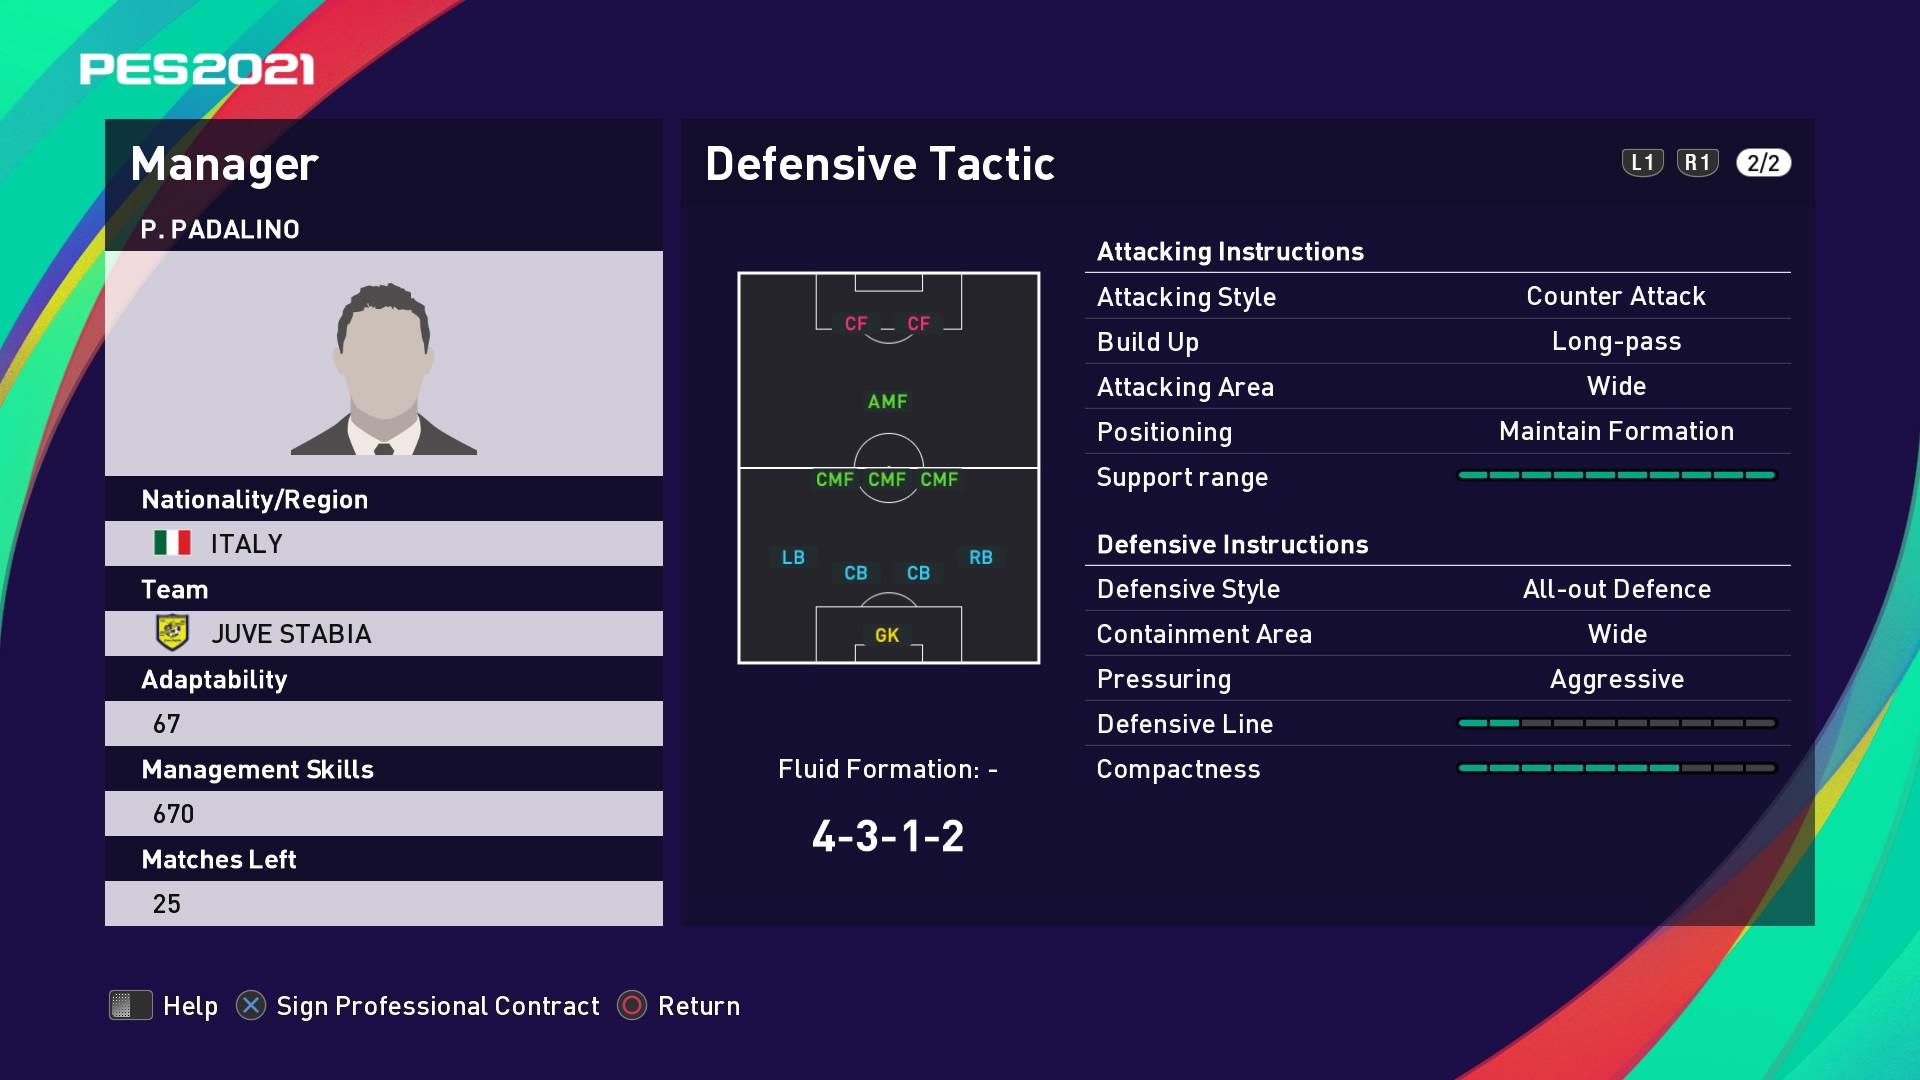 P. Padalino (Fabio Caserta) Defensive Tactic in PES 2021 myClub